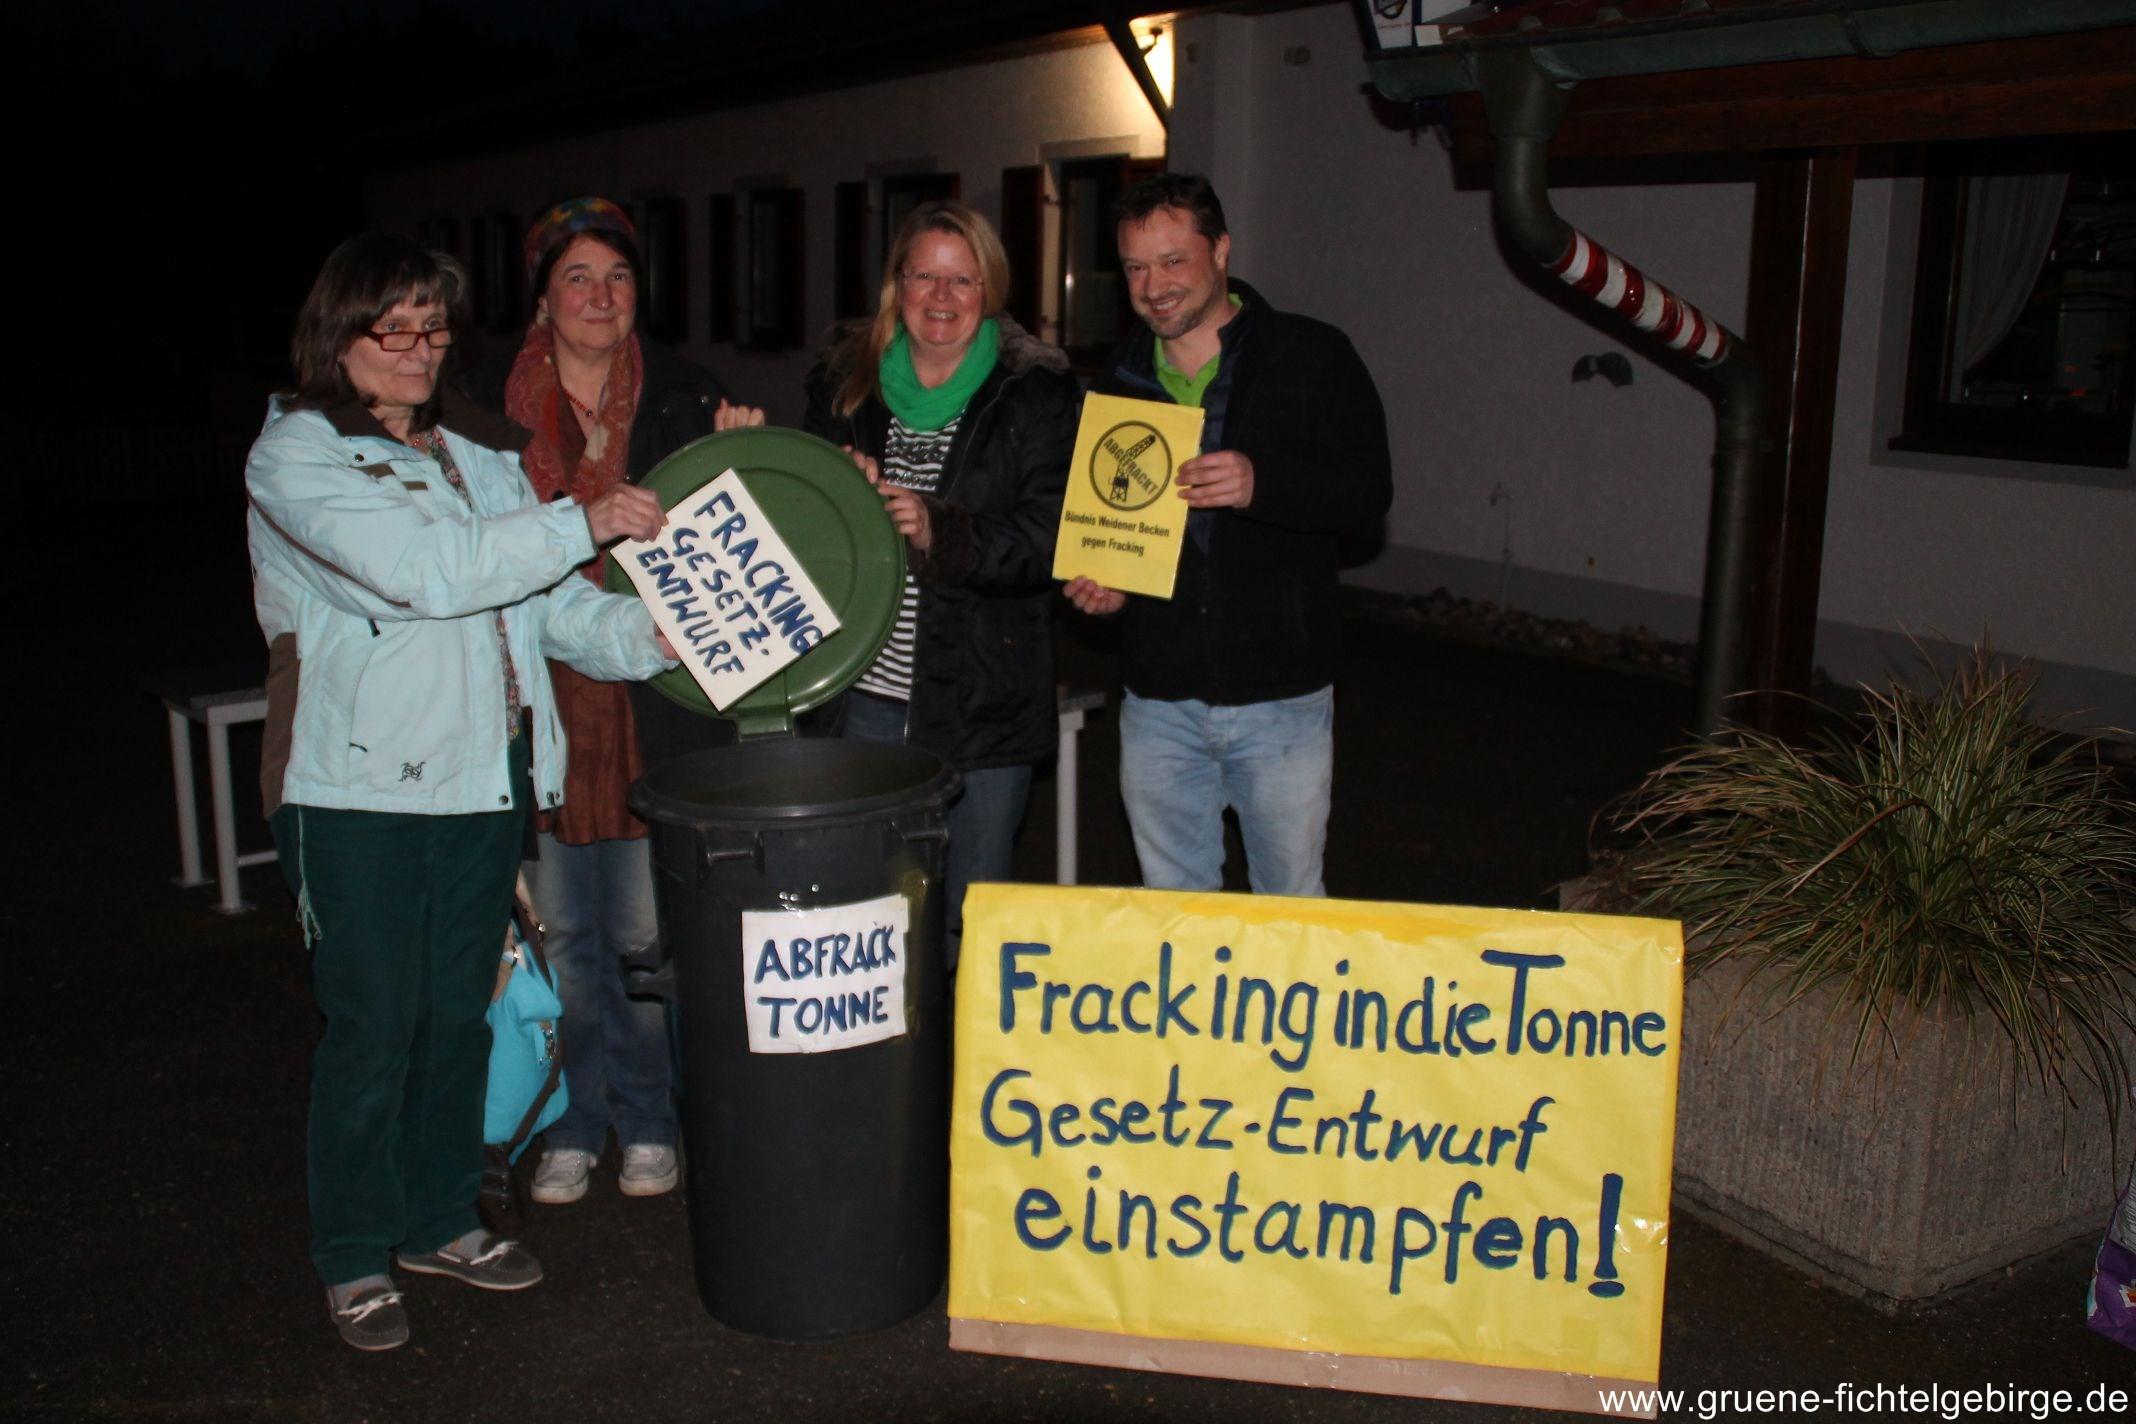 Fracking-Gesetzentwurf-in-die-Tonne-k-2015-Fracking-Weiden-13